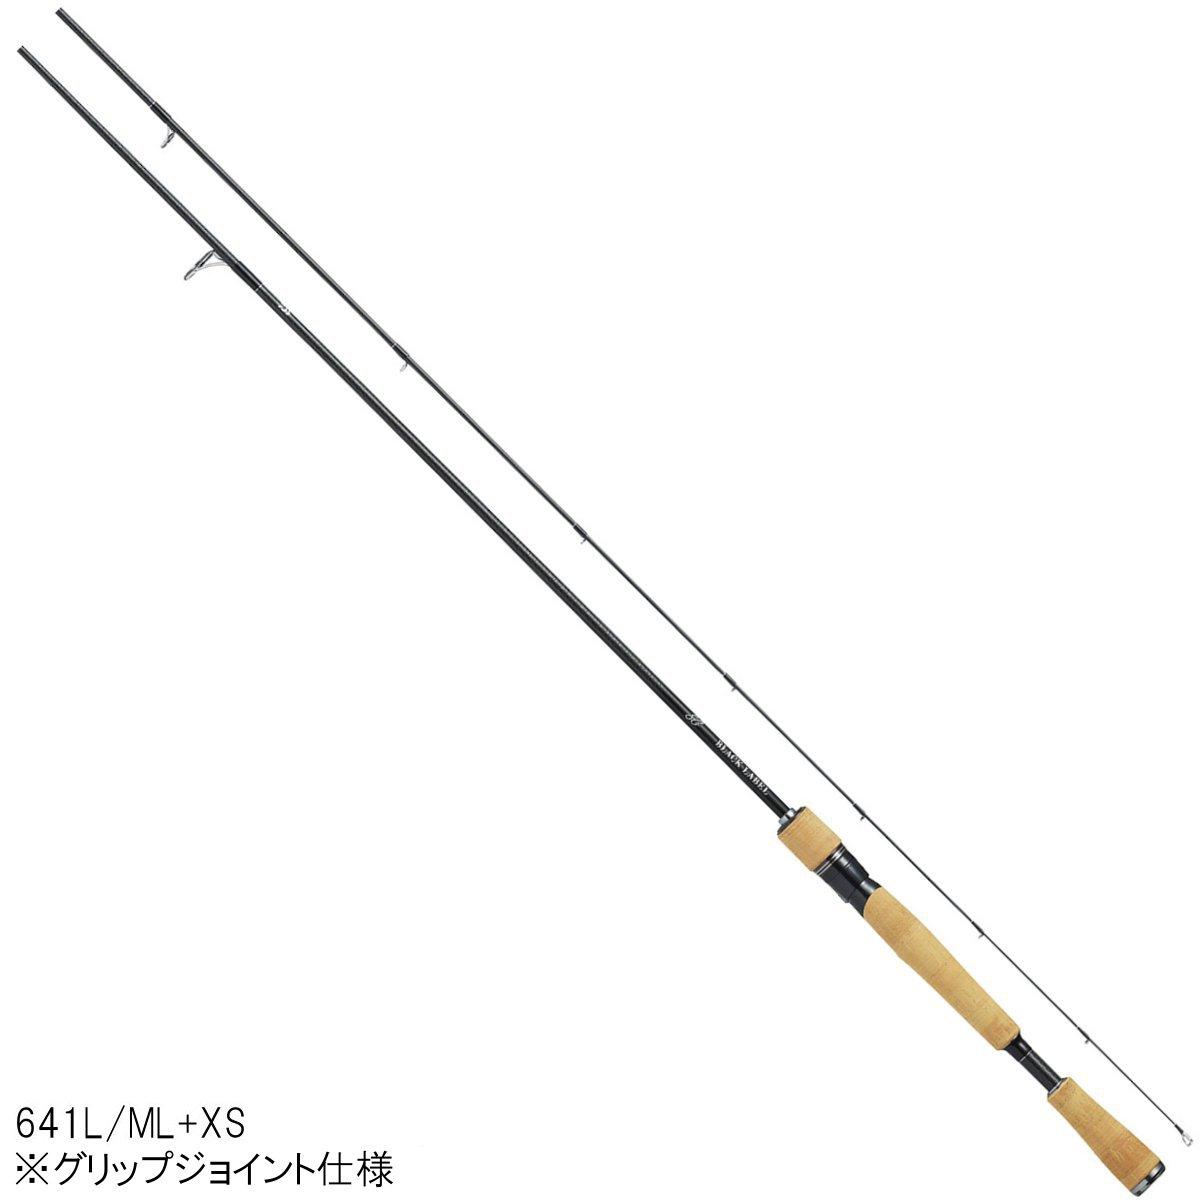 ダイワ ブラックレーベル SG(スピニングモデル) 641L/ML+XS【大型商品】